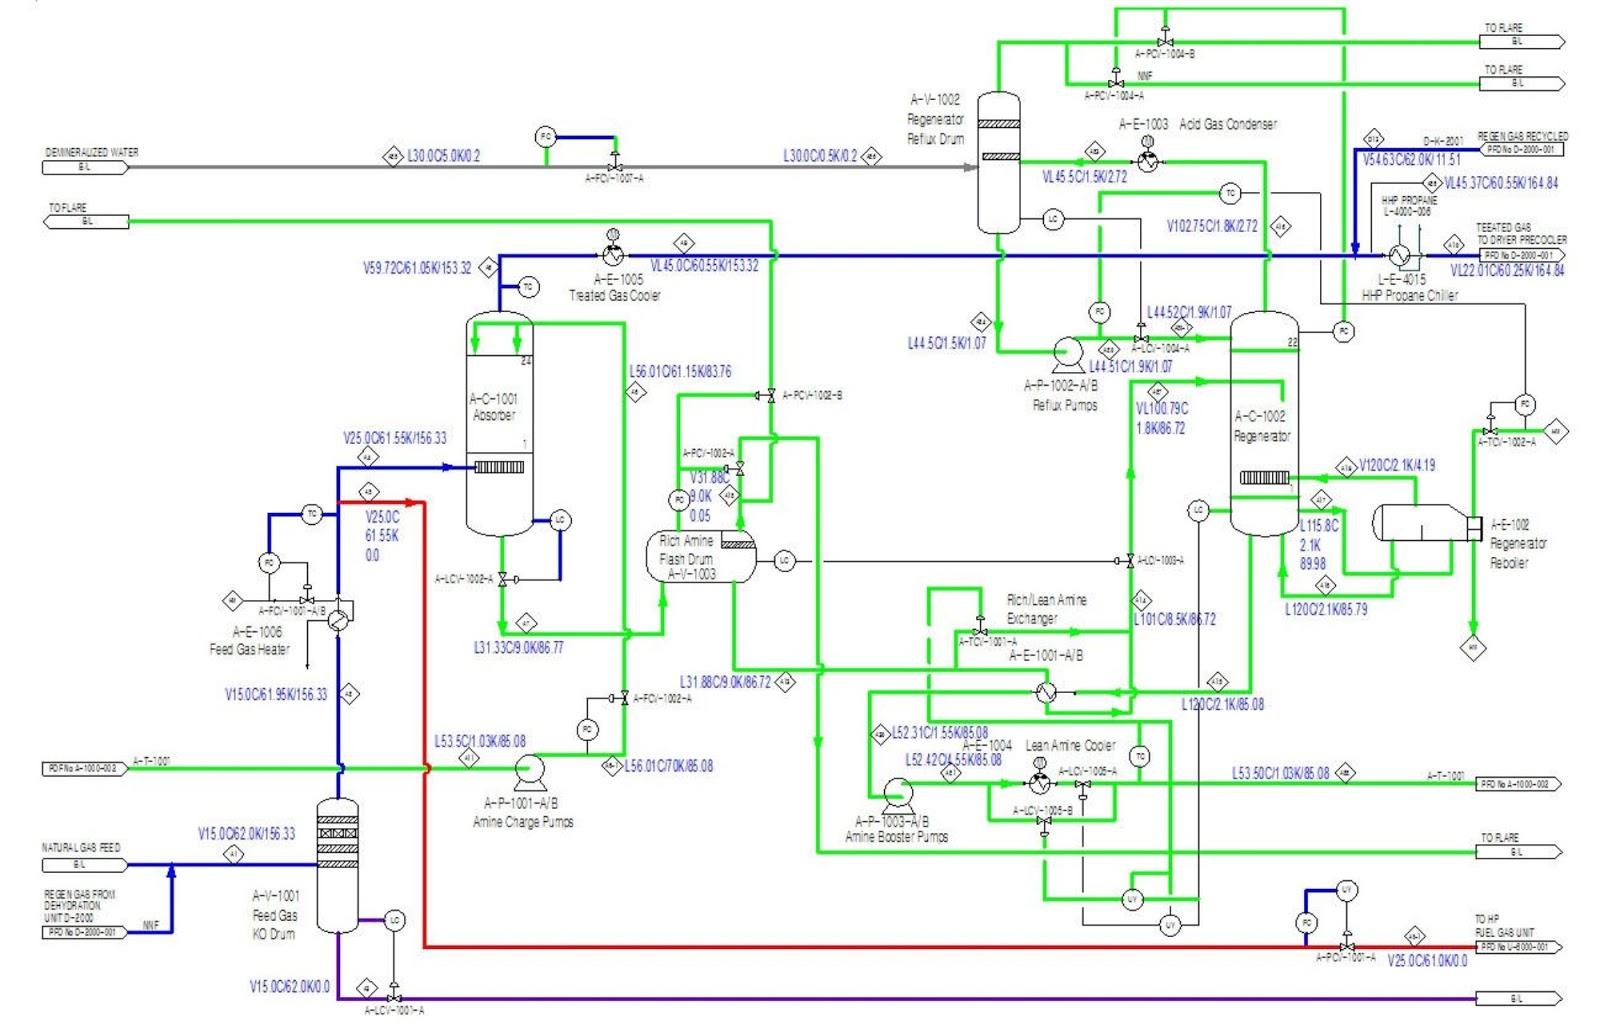 proces flow diagram lng plant [ 1600 x 1033 Pixel ]